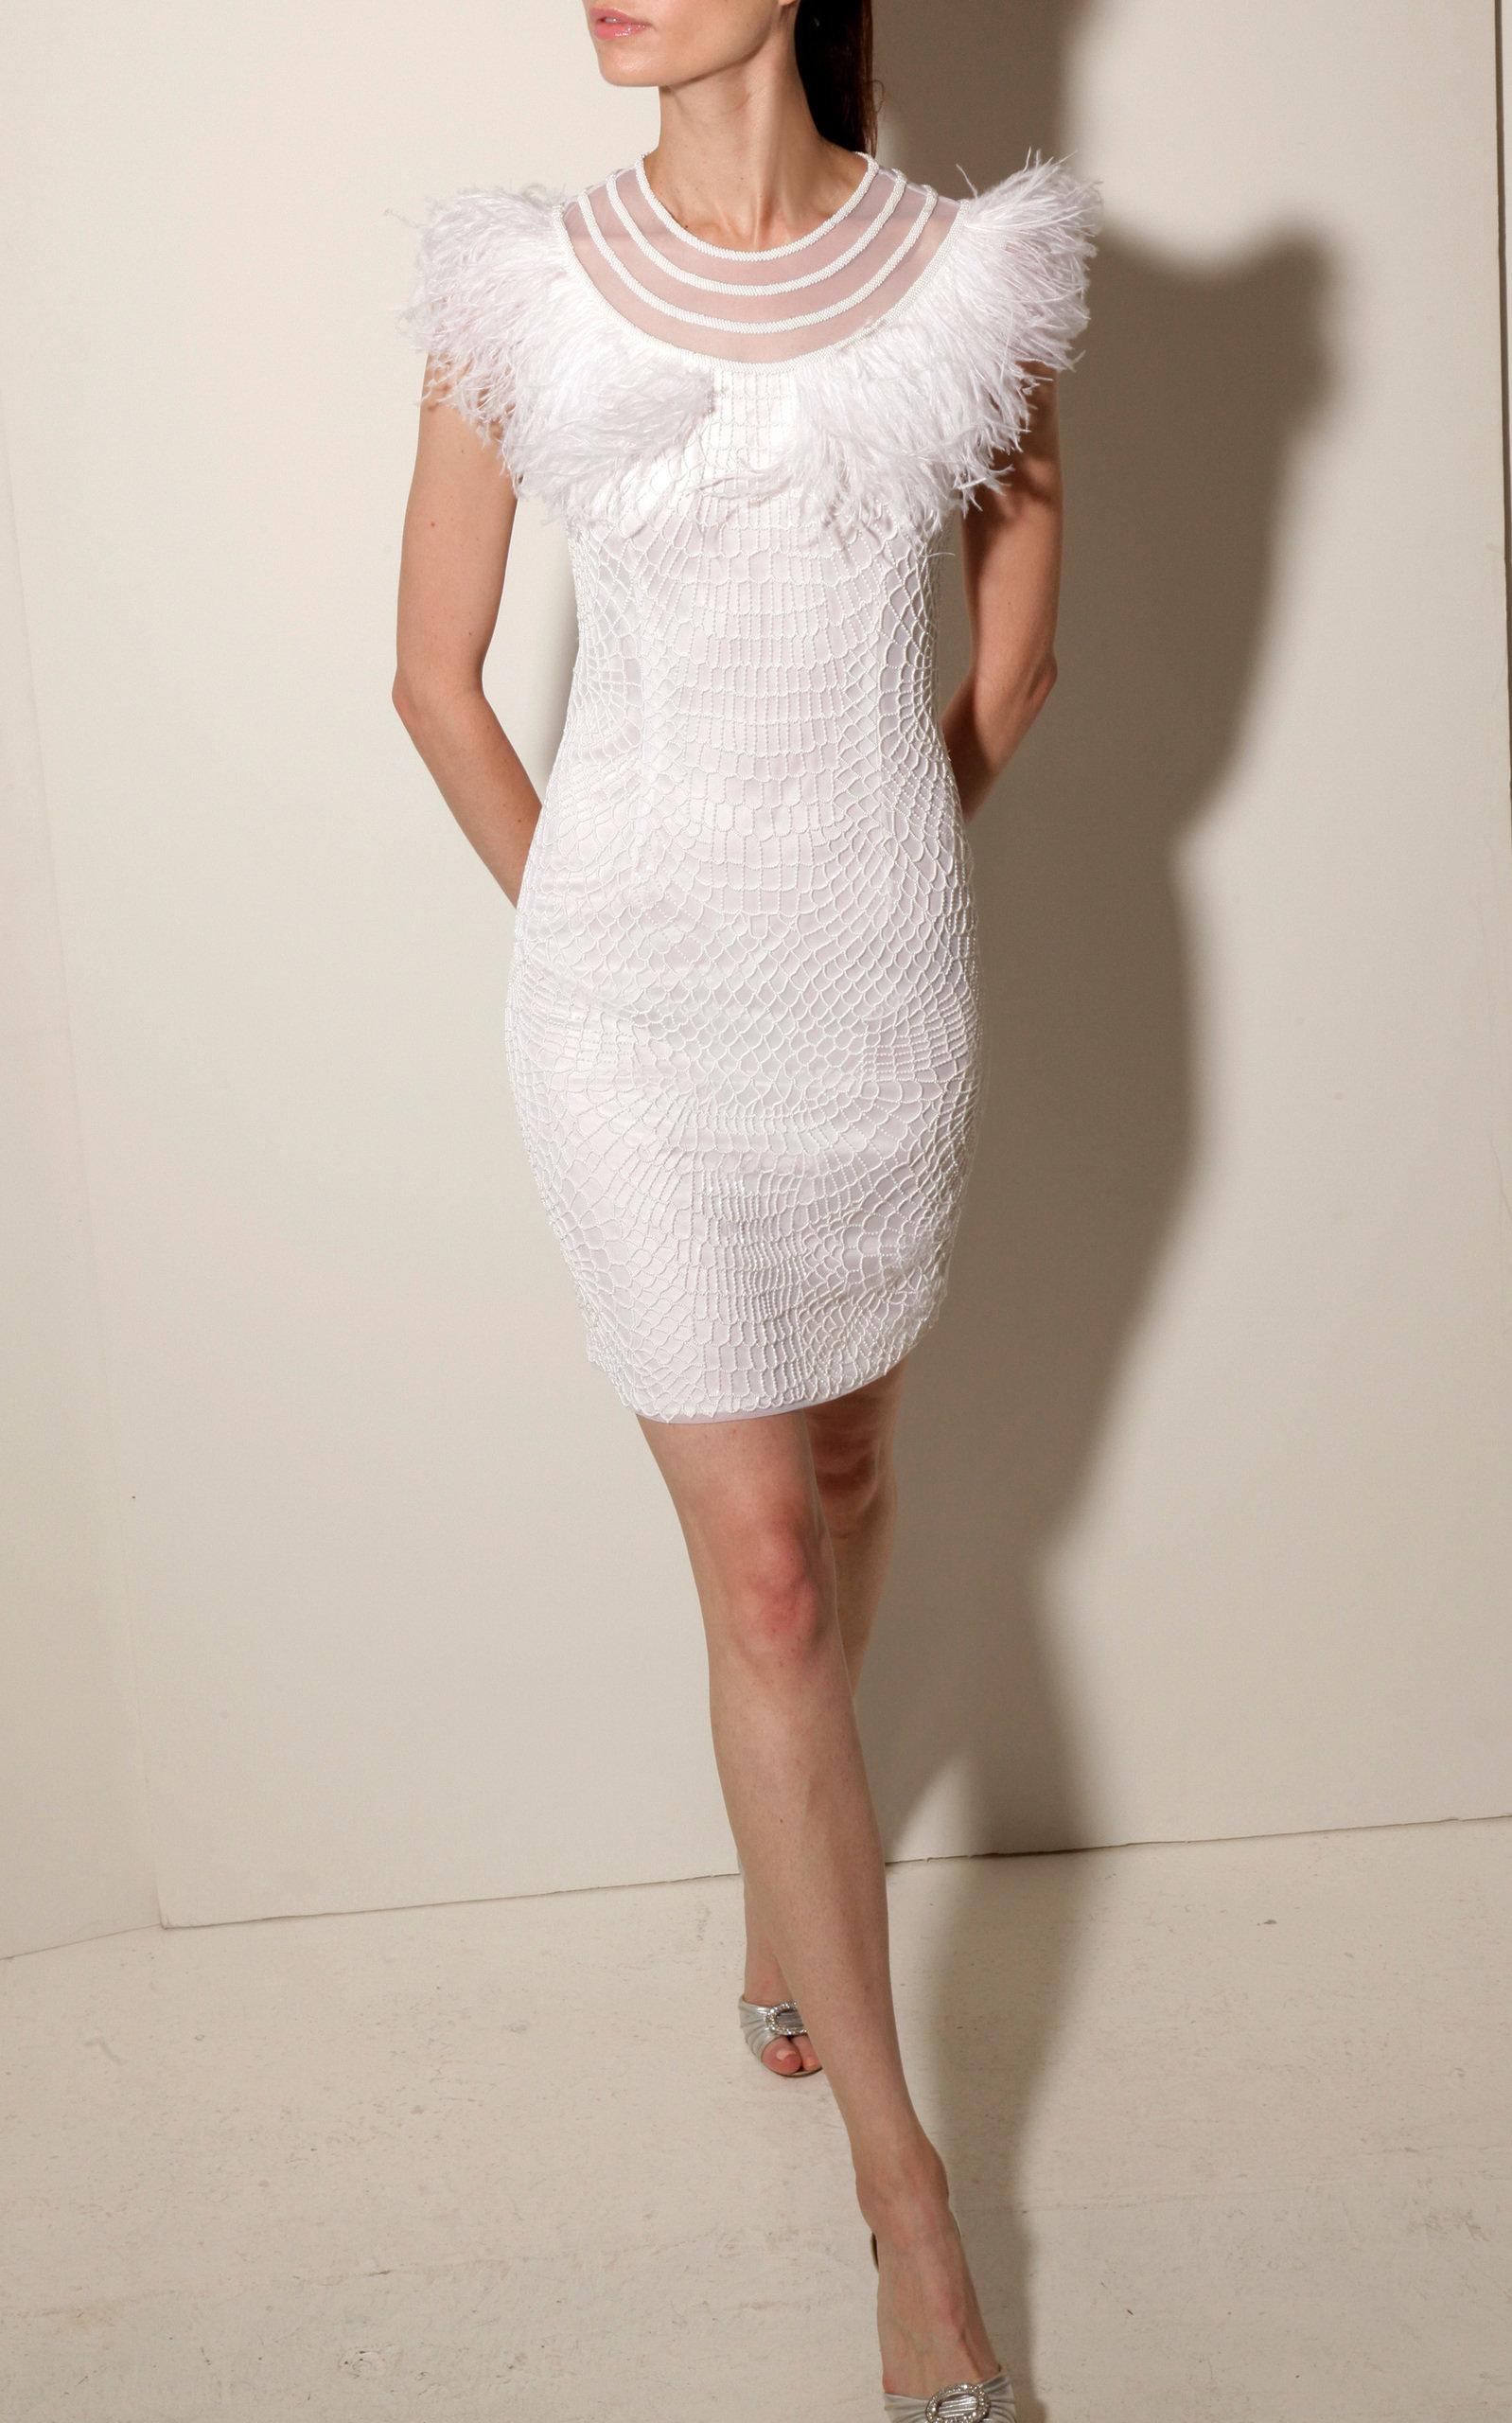 JOANNA MASTROIANNI Illusion Neck Mini Dress in White